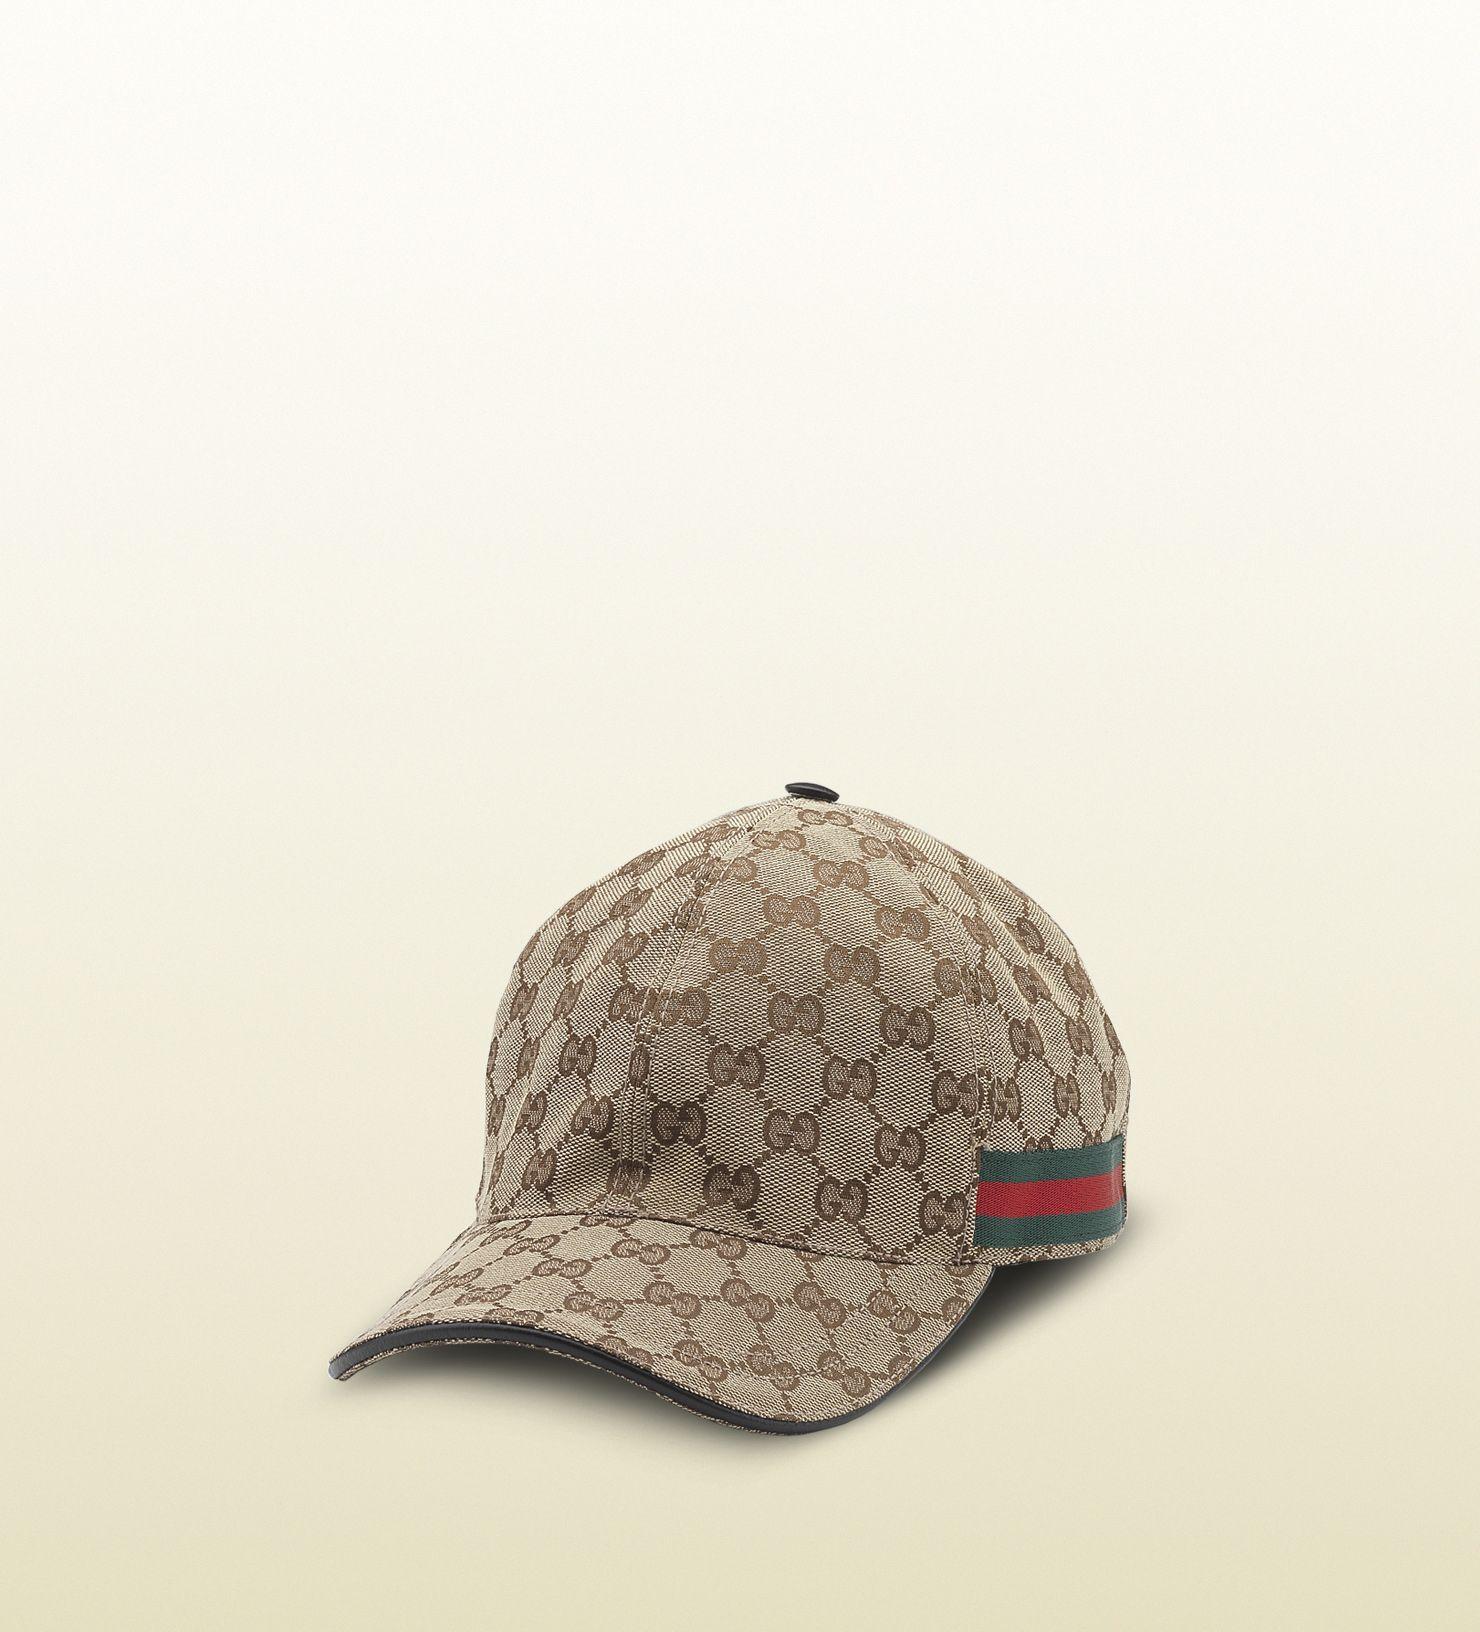 b9a42d0b0be2 casquette gucci vrai,gucci casquette rose Casquette Pas Cher homme noir et  grise pas cheres casquette